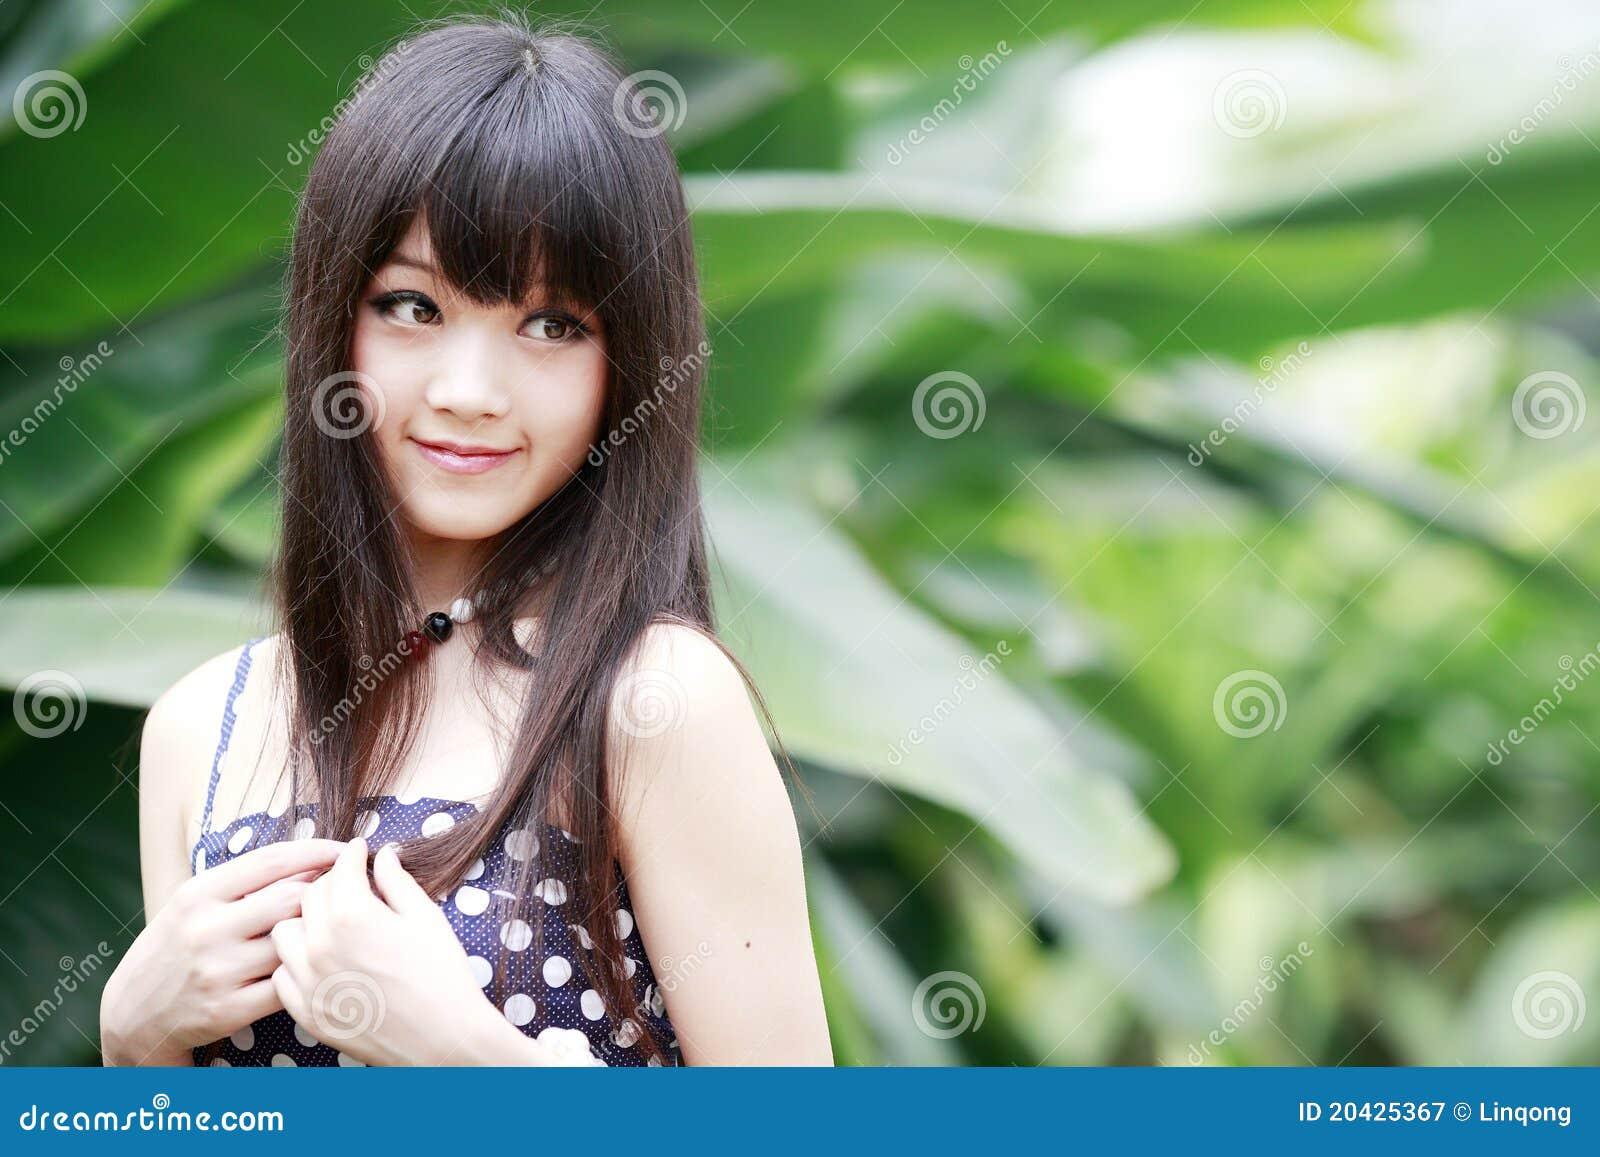 Free girl next door dating